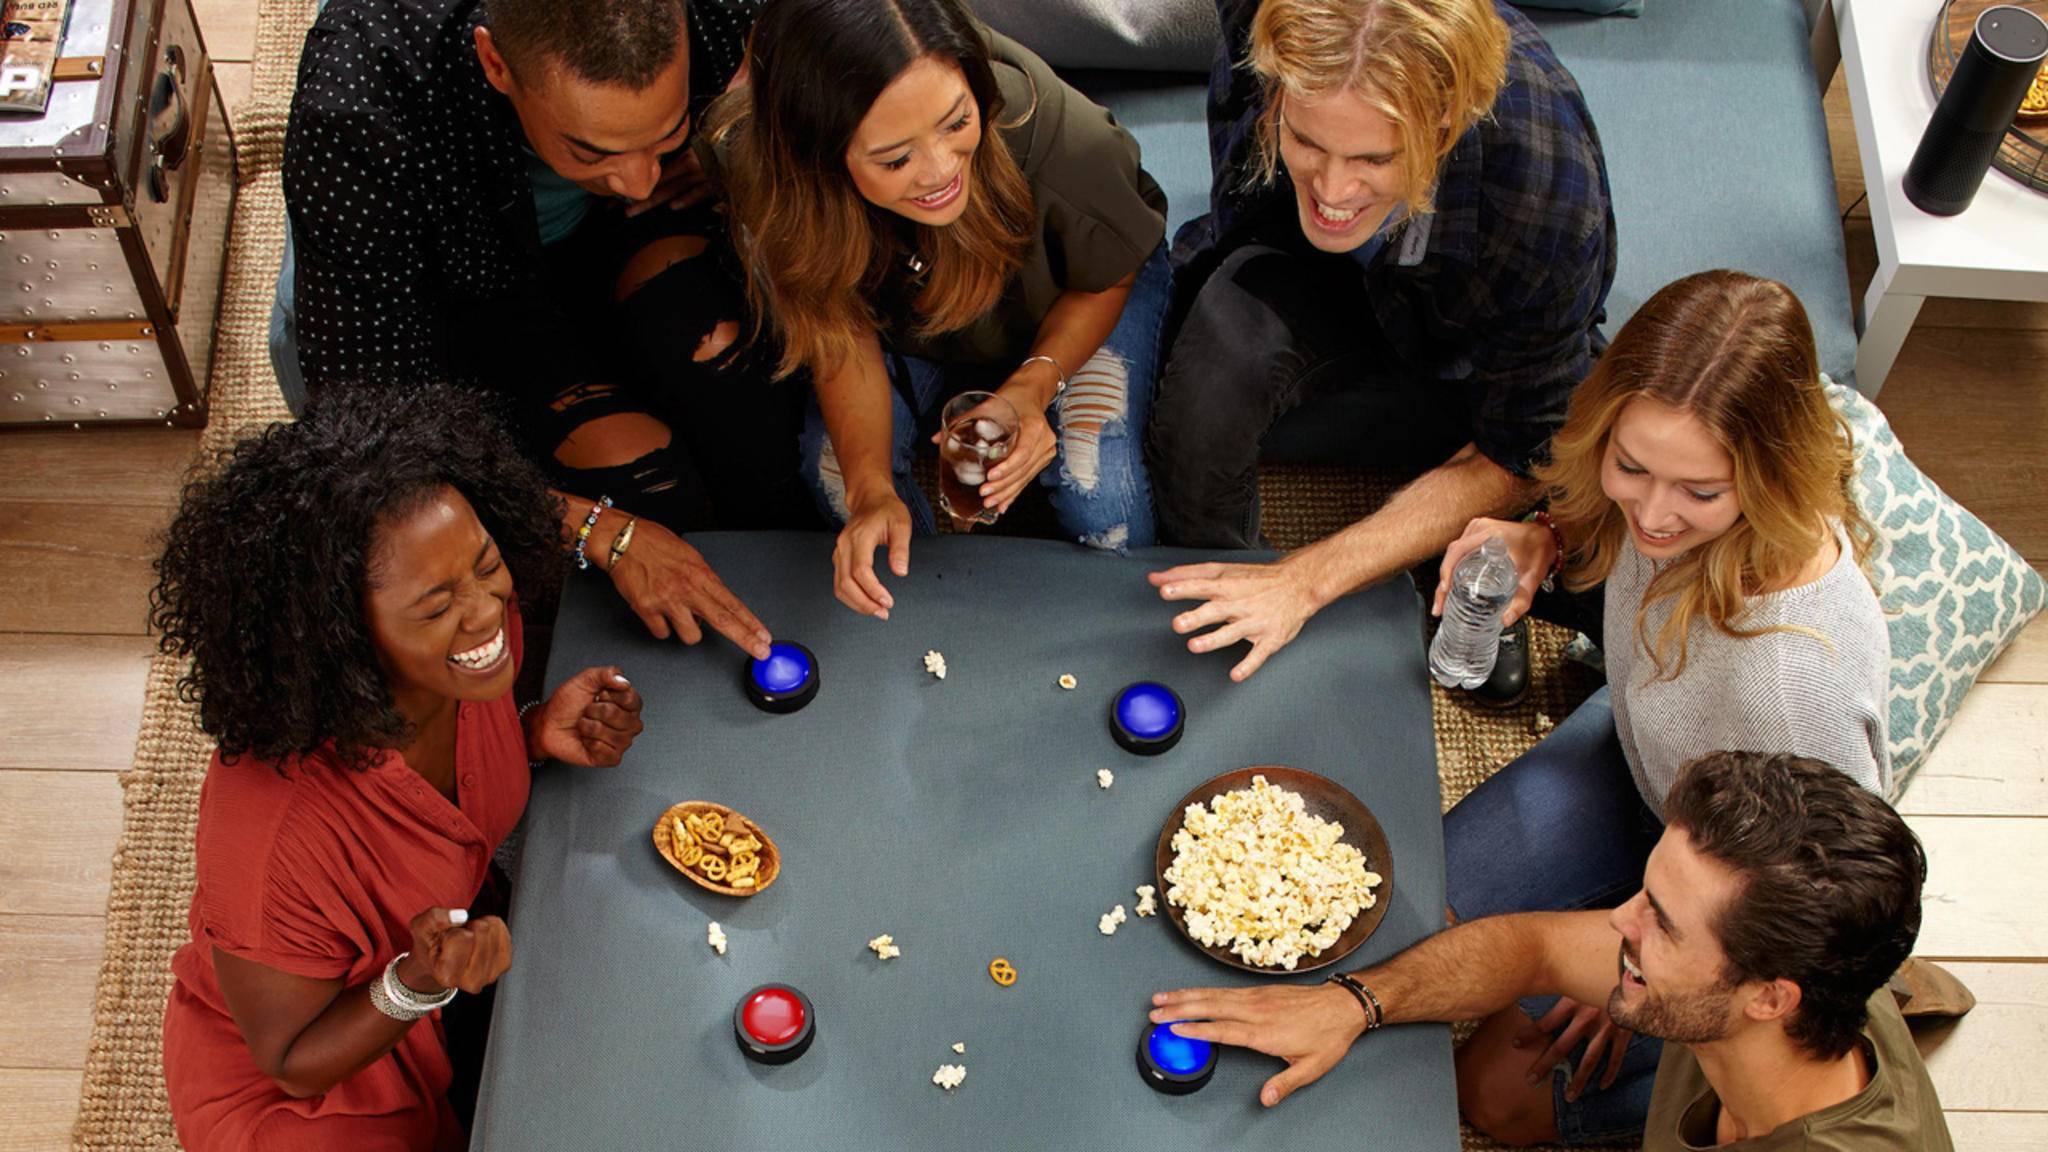 Die Echo Buttons sind als interaktives Spielzeug gedacht.